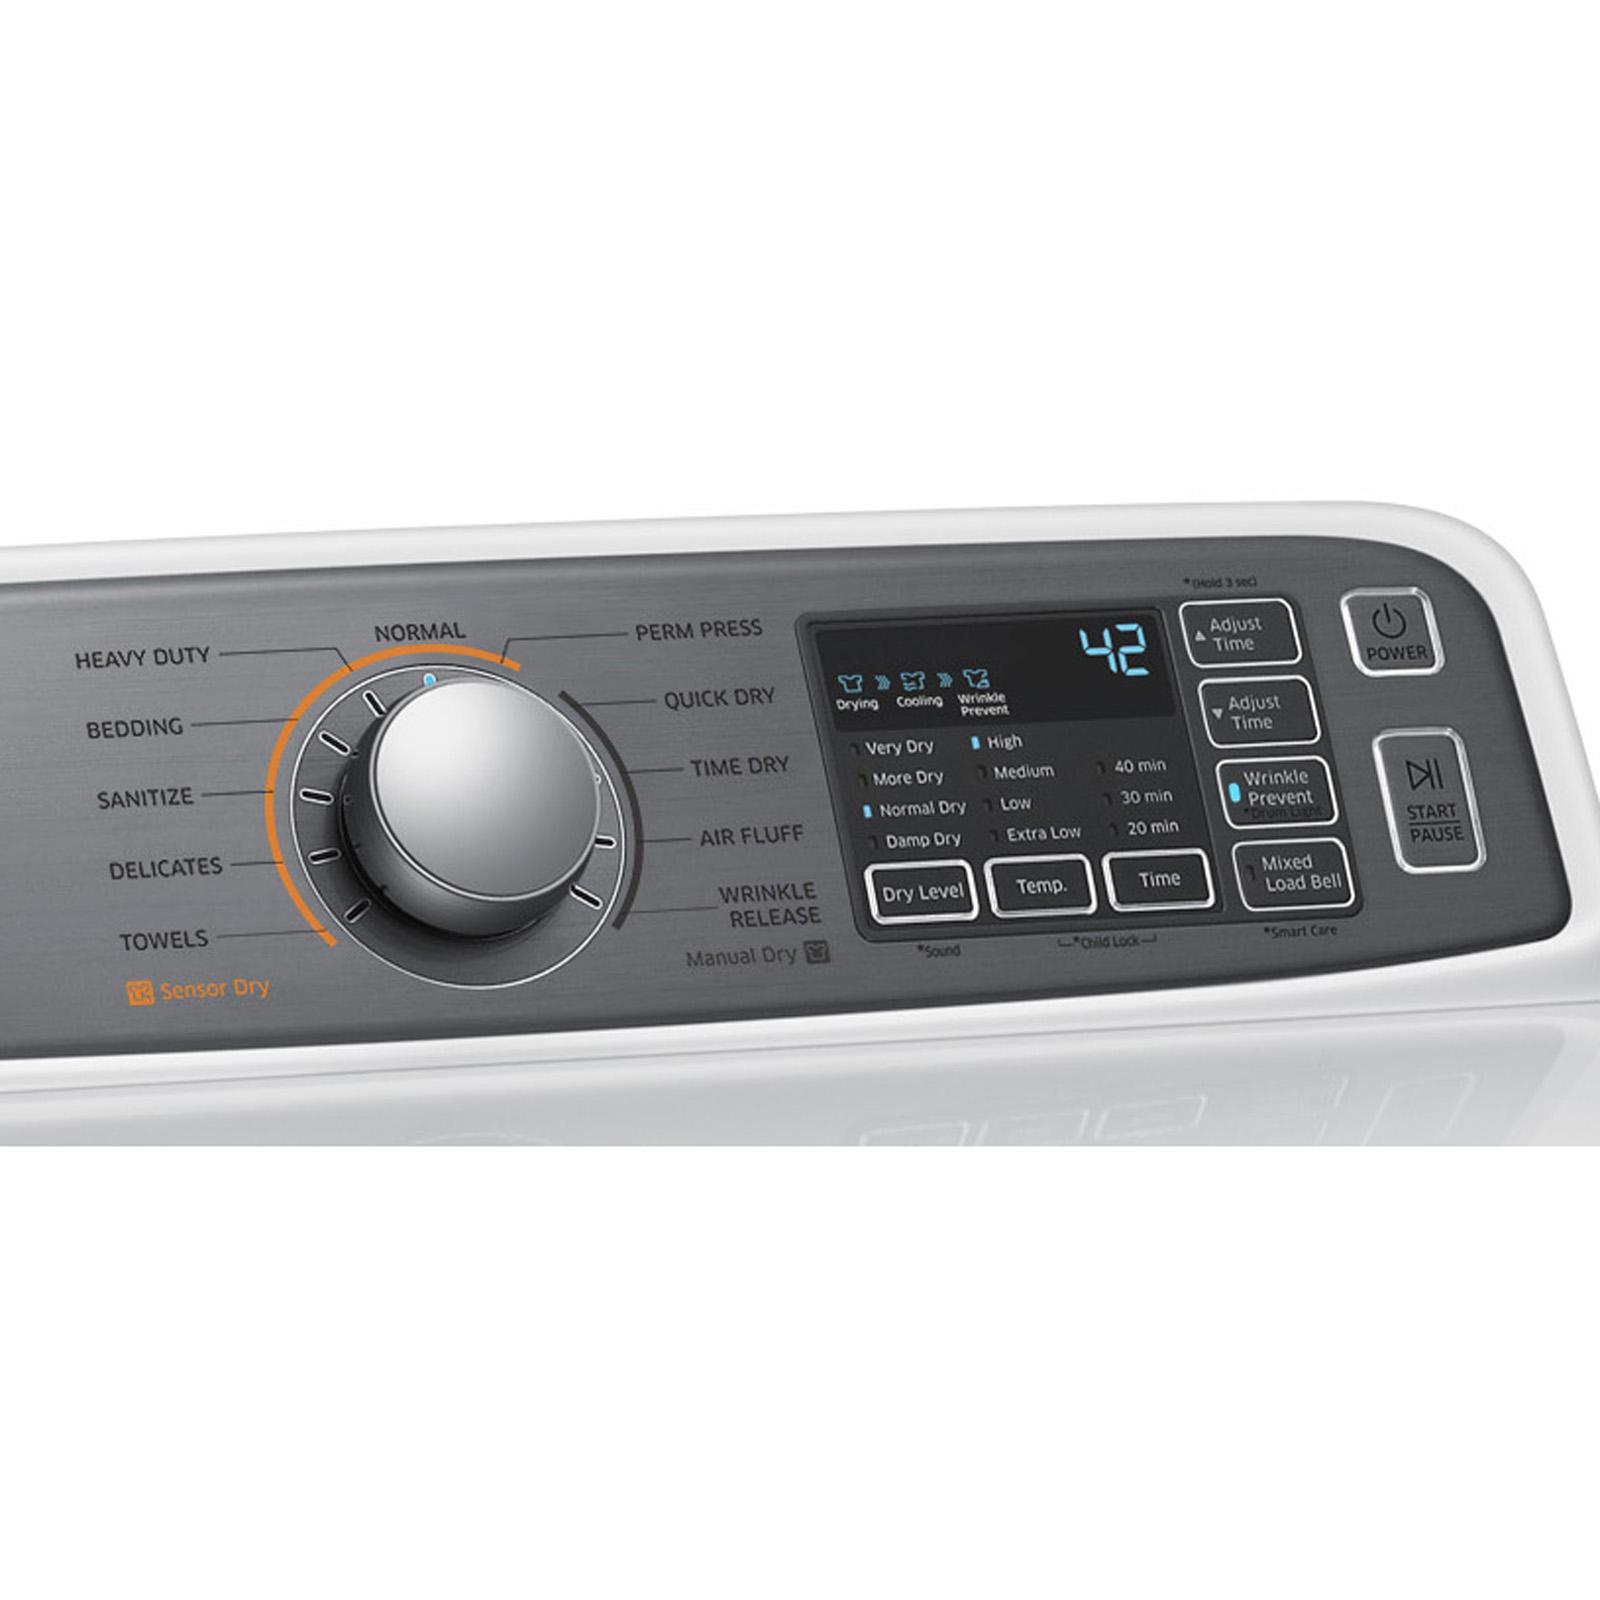 Samsung 7.4 cu. ft. Gas Dryer - White